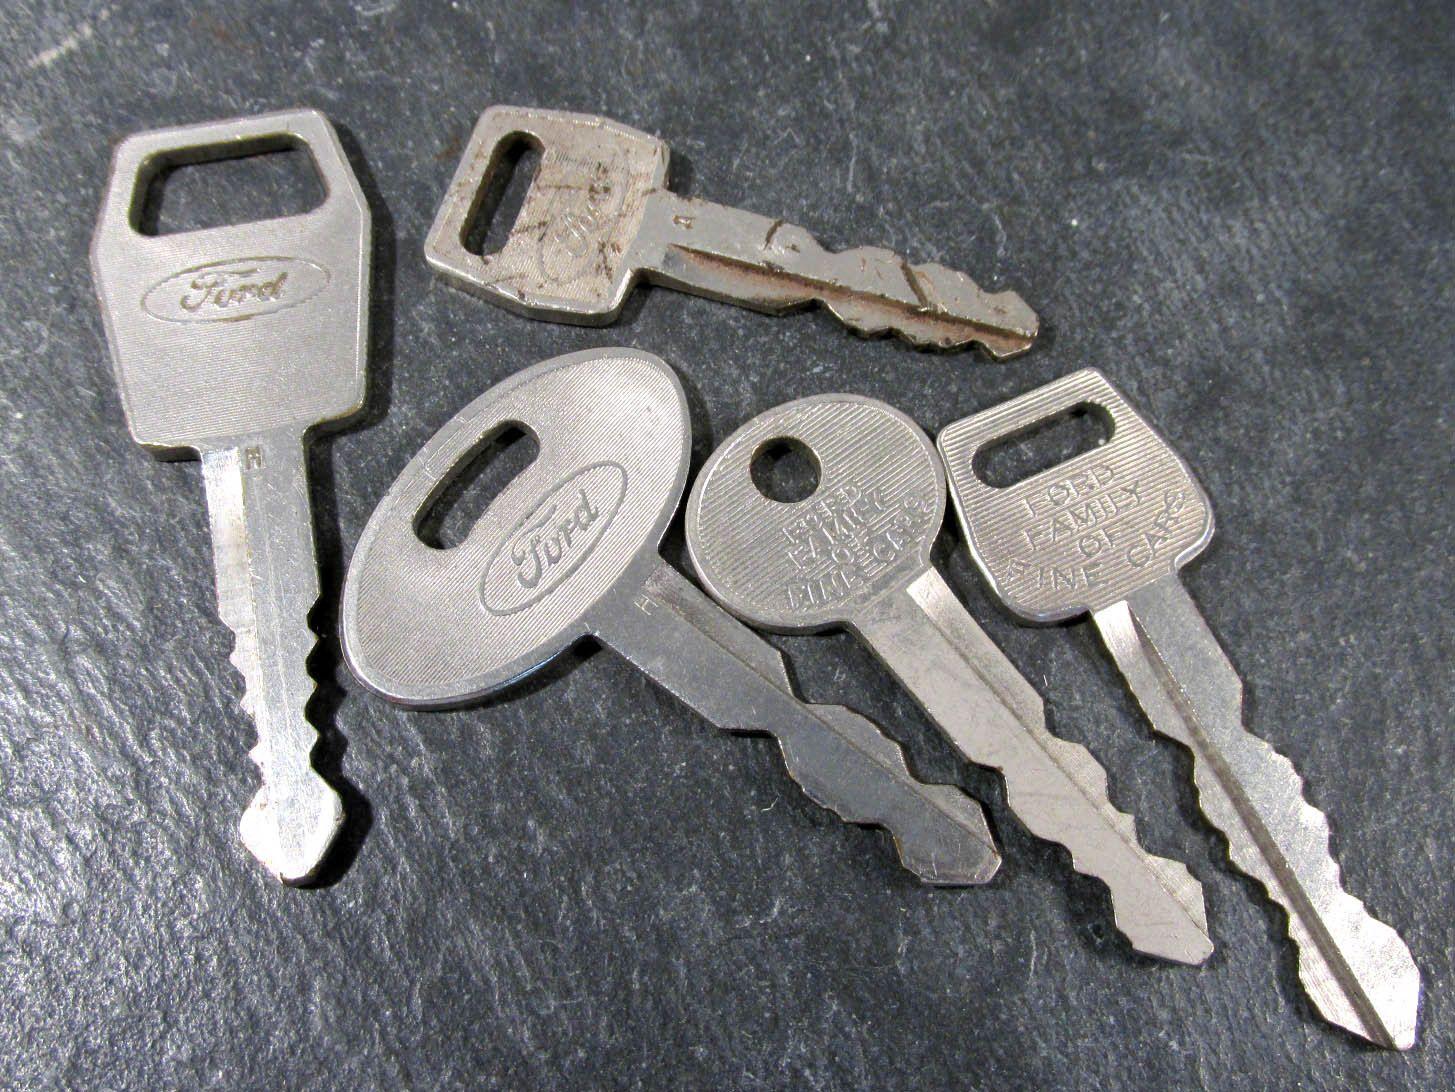 Ford Car Keys Vintage Keys Ford Car Keys Five 5 Vintage Ford